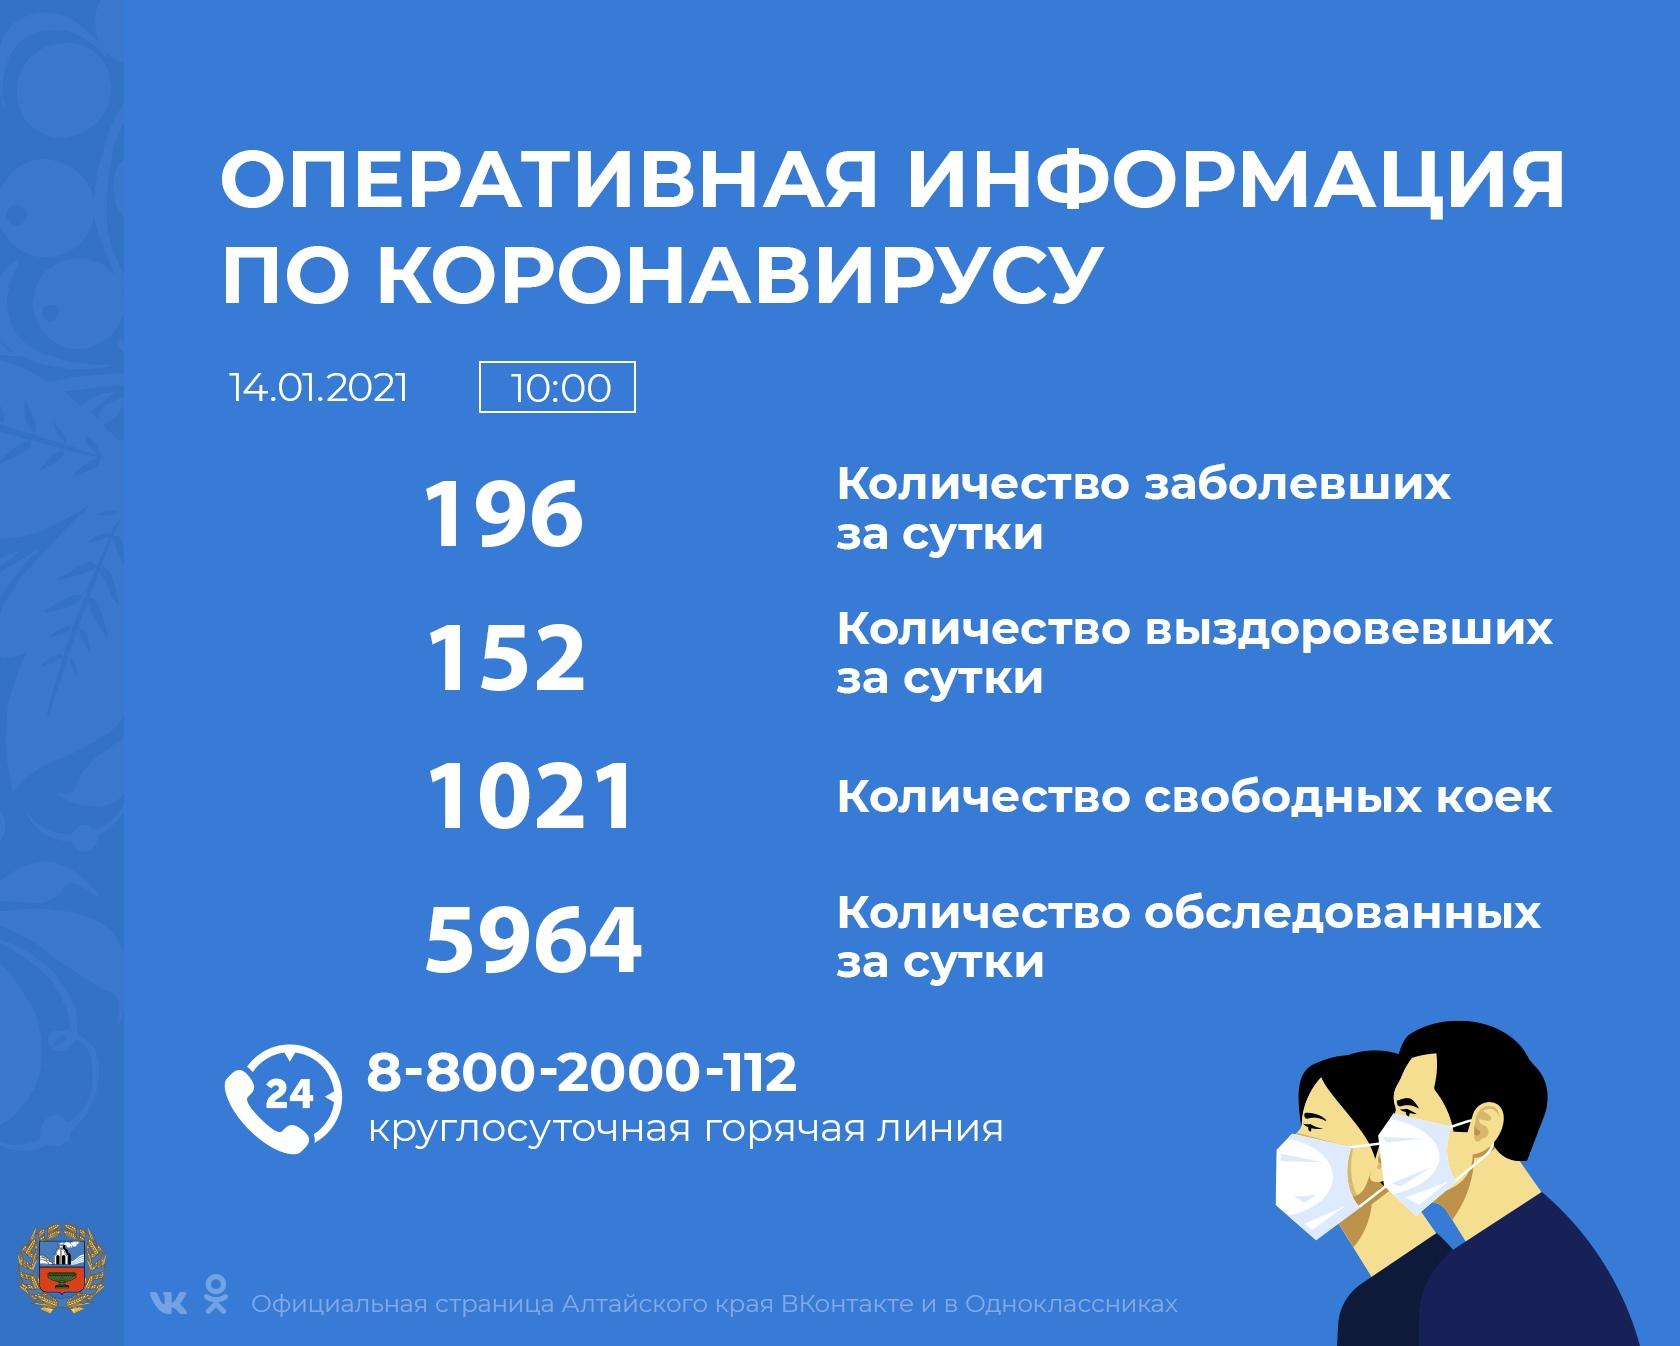 Коронавирус в Алтайском крае - ситуация на 14 января 2021